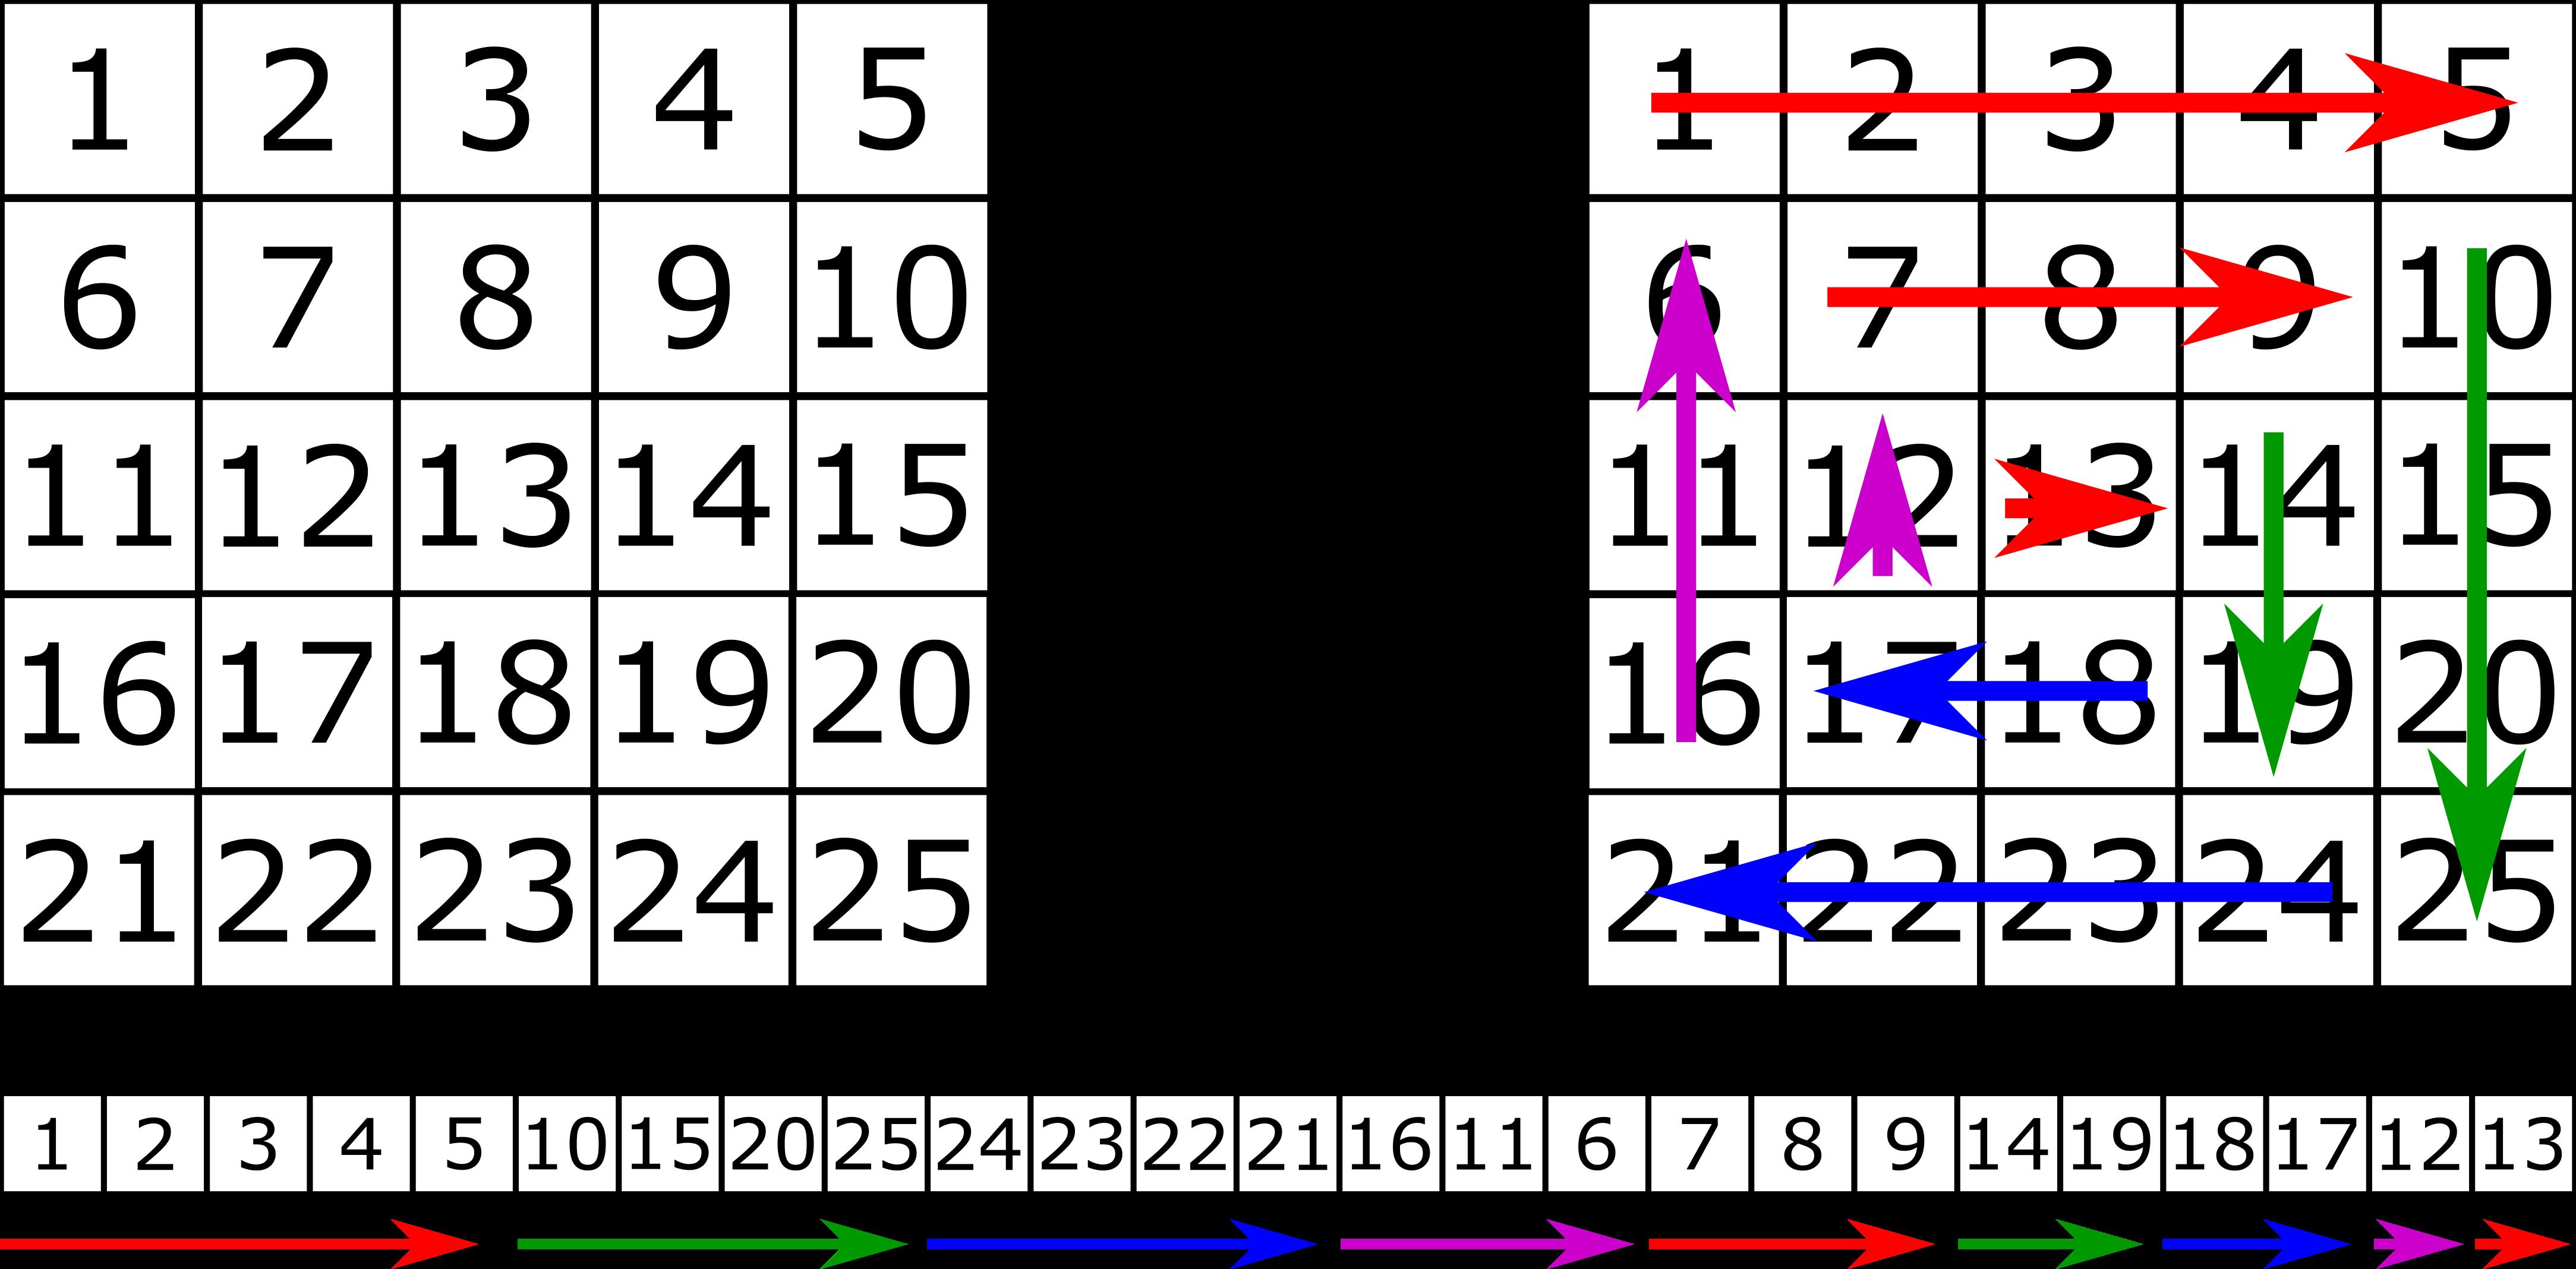 Traversing the matrix in spiral way